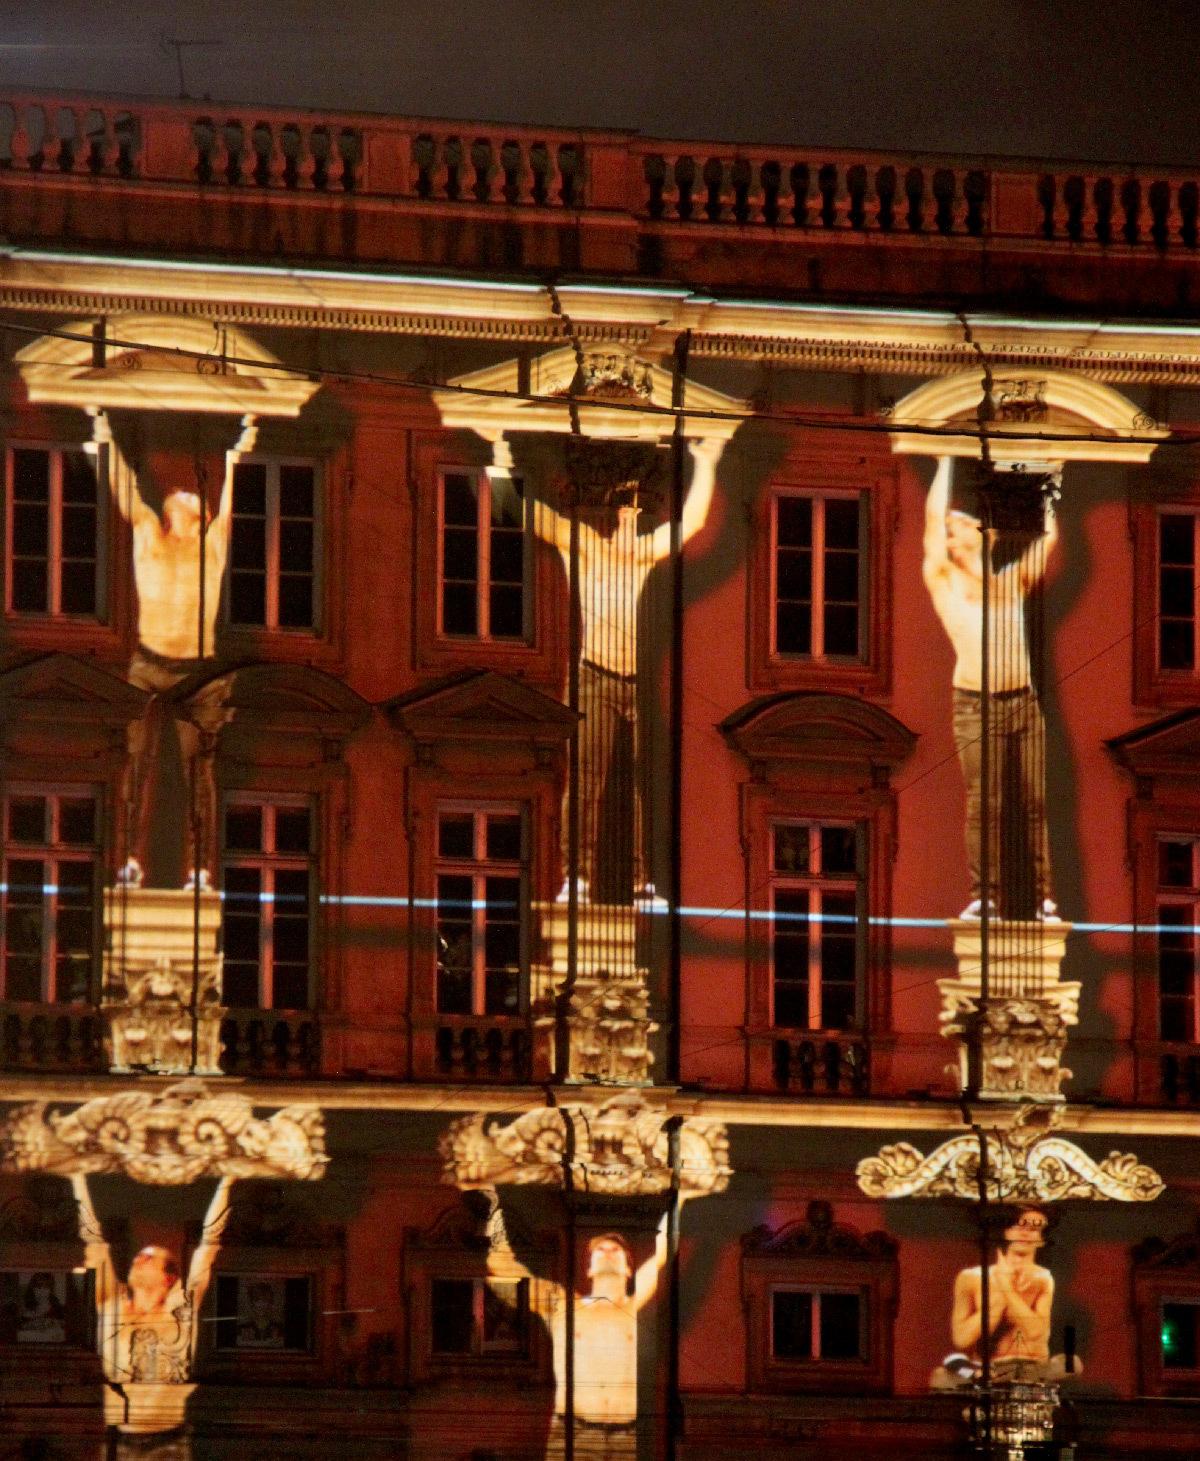 Highlights, place des Terreaux, Lyon - Scénographes Hélène Richard et Jean-Michel Quesne - Fête des lumieres 2012 © Vincent Laganier